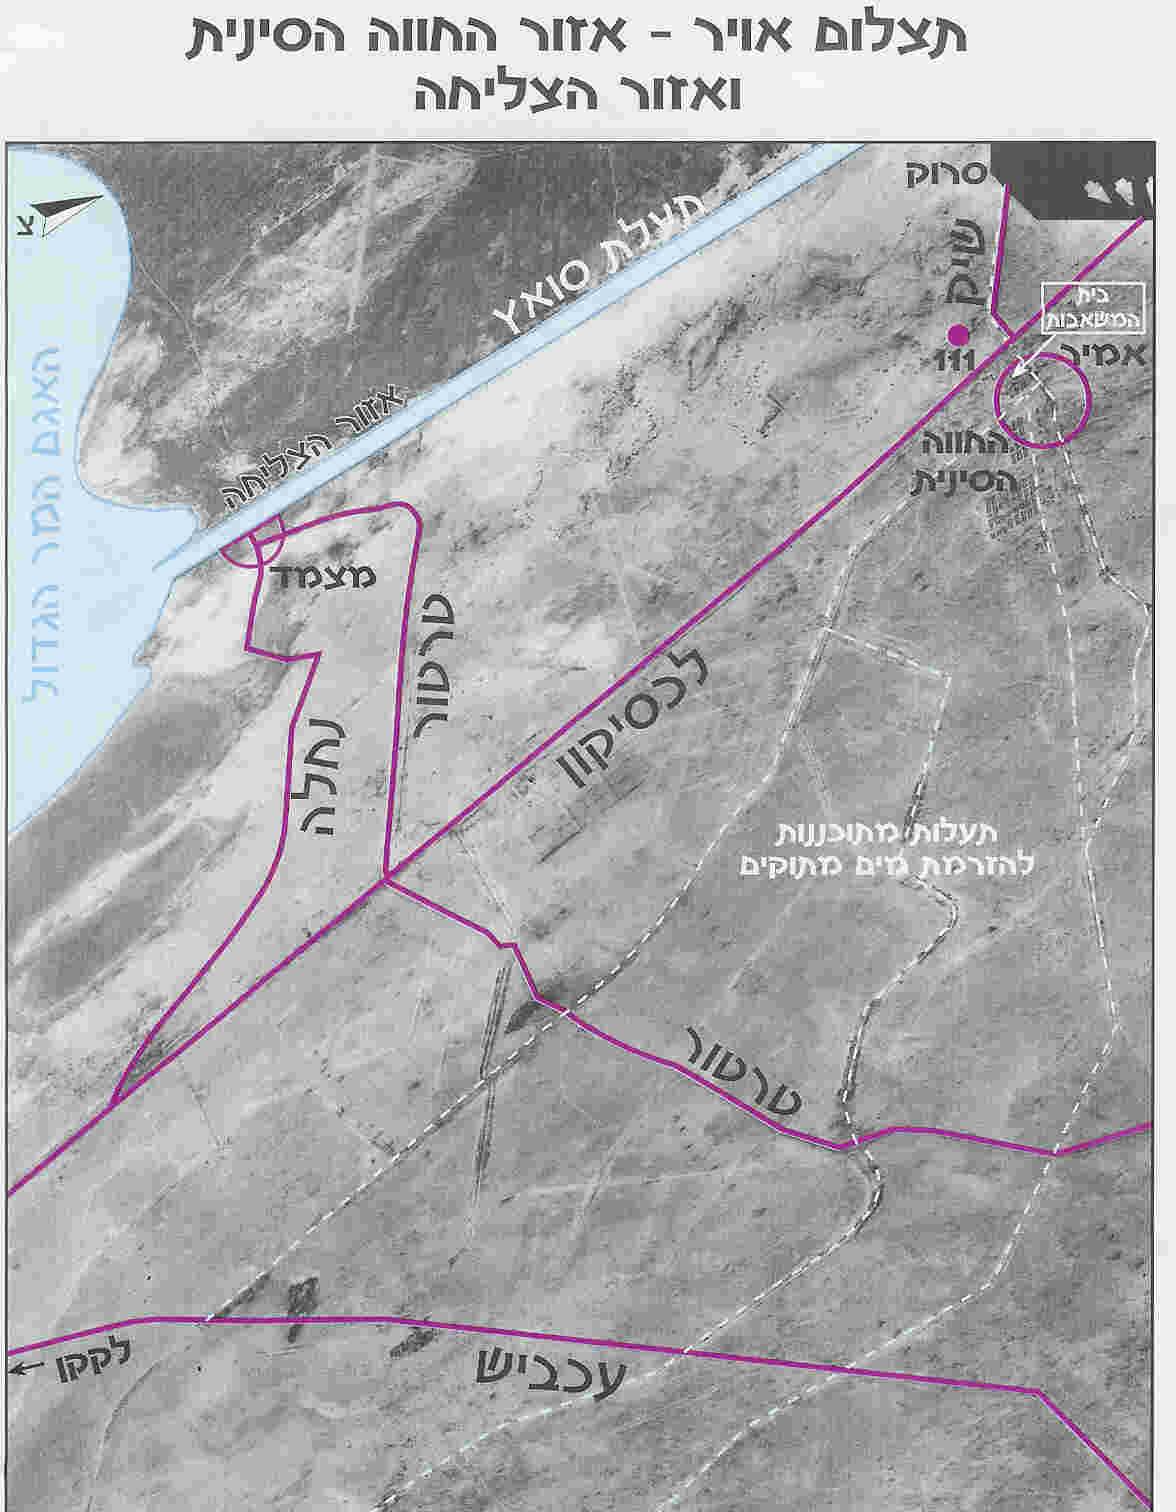 """خرائط ميدانية إسرائيلية وتقارير ومواضيع  إسرائيلية تمهيدا لموضوع """"ألثغرة"""" 40928895"""